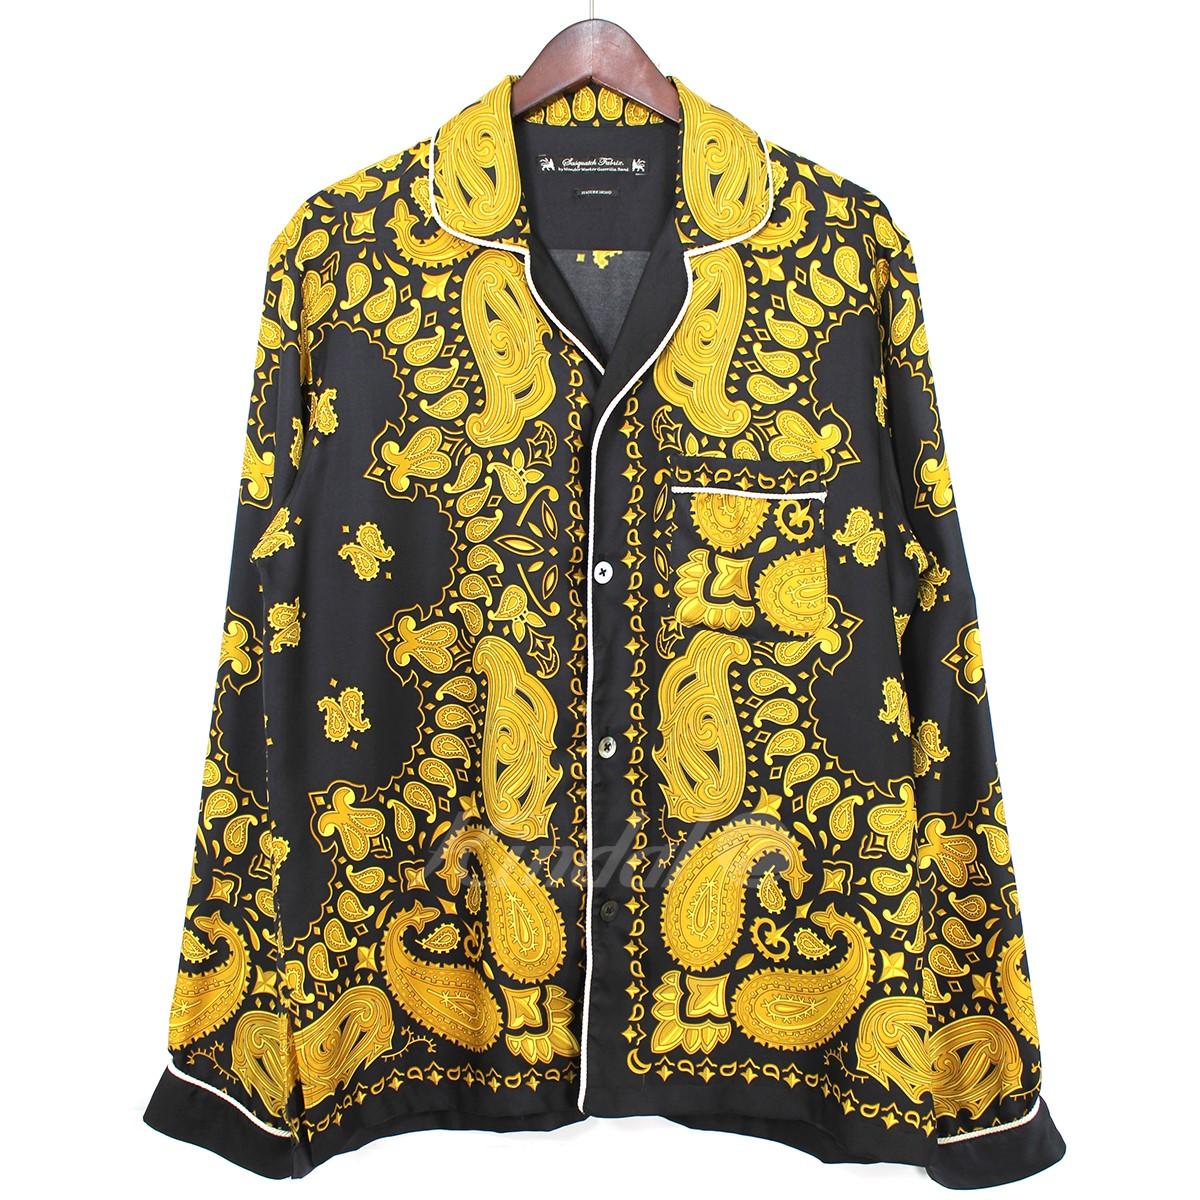 【中古】SASQUATCH fabrix 14AW SLEEPING SHIRT ペイズリー シルクシャツ ブラック×ゴールド サイズ:L 【200519】(サスクワッチファブリックス)